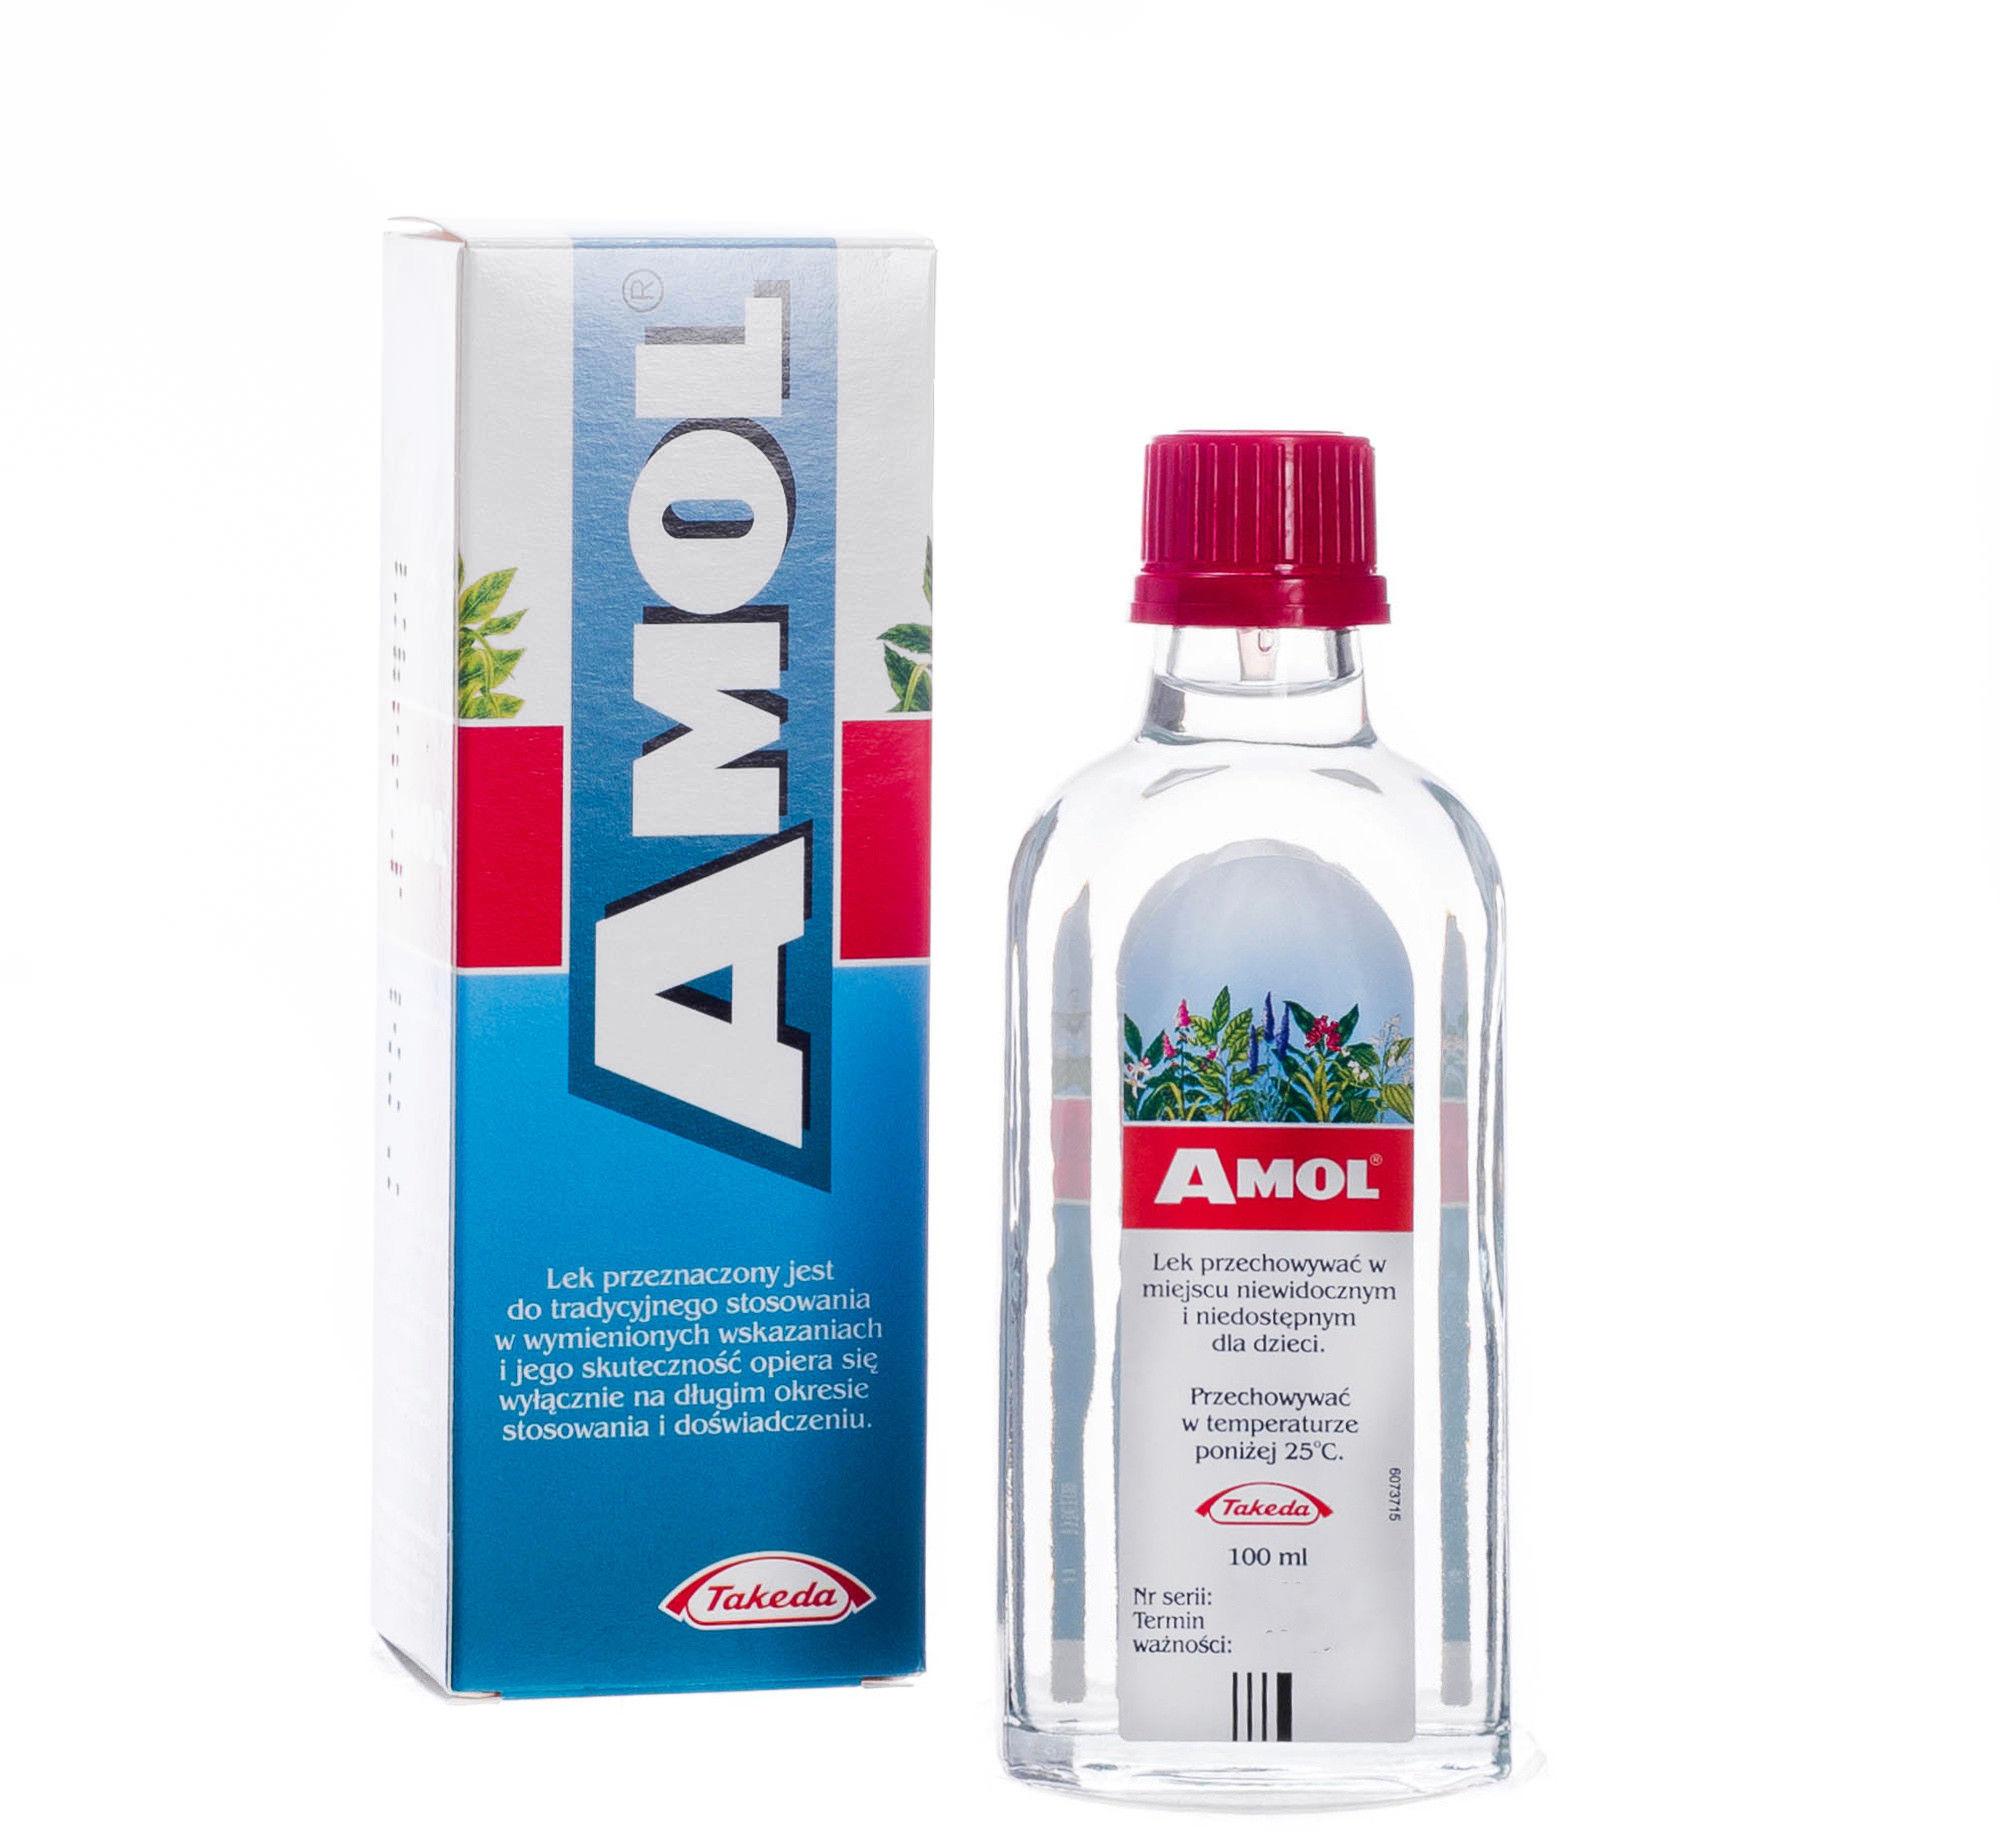 Amol lek ziołowy w płynie, 100 ml